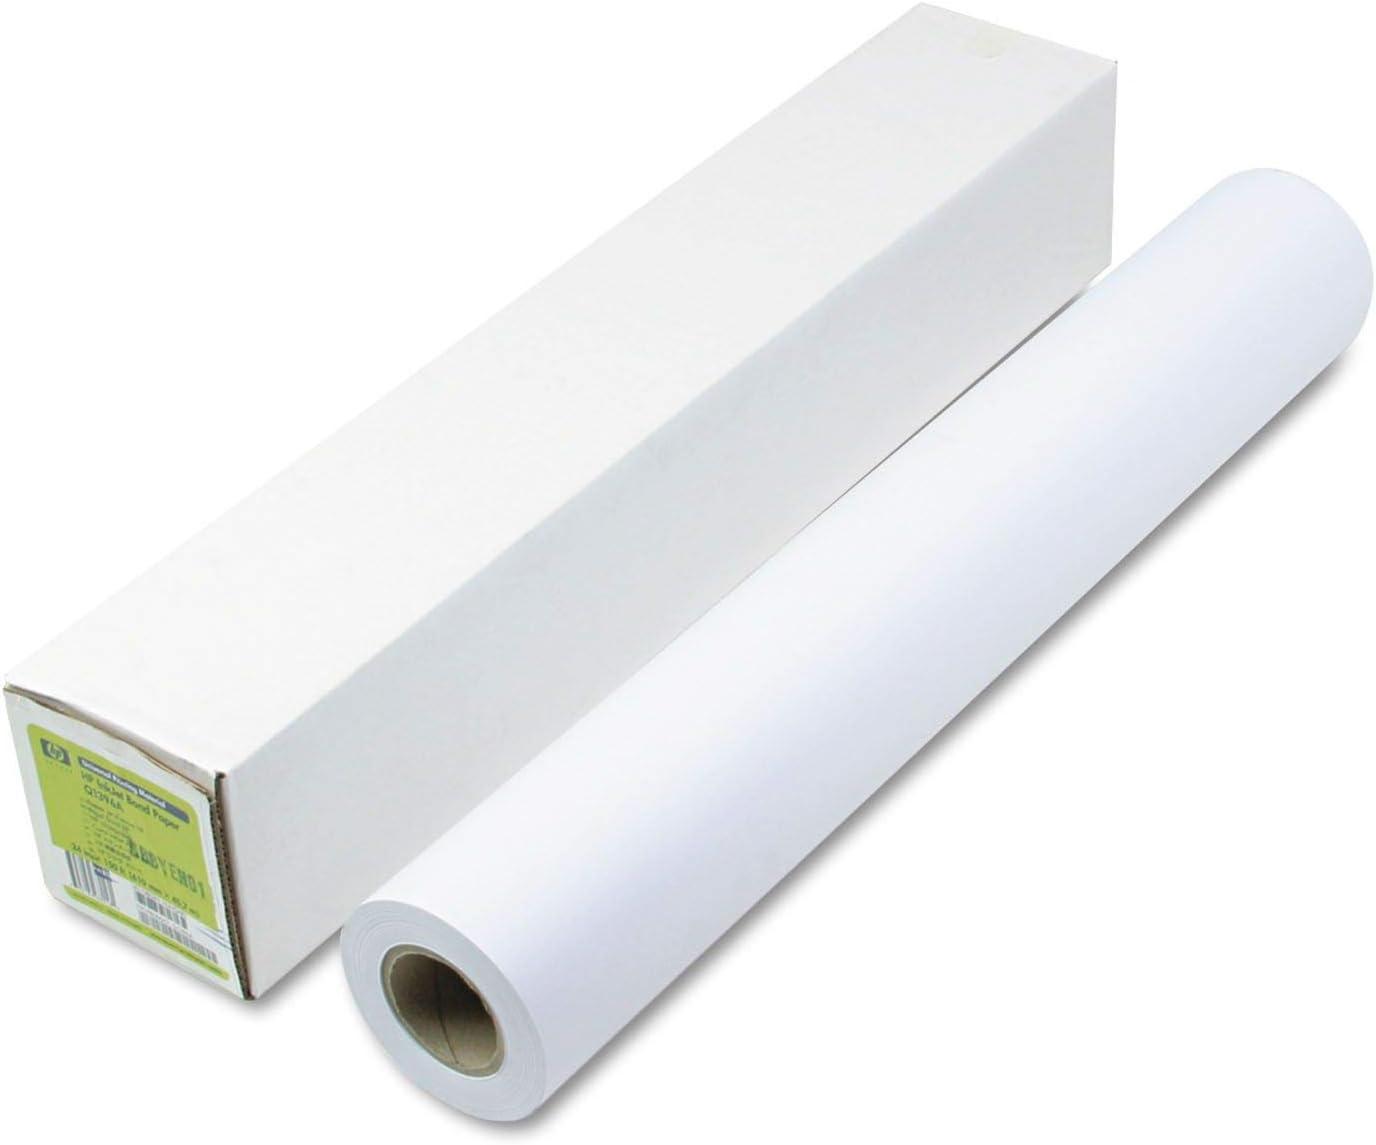 HEWQ1396A - HP DesignJet Large Format Paper for Inkjet Prints